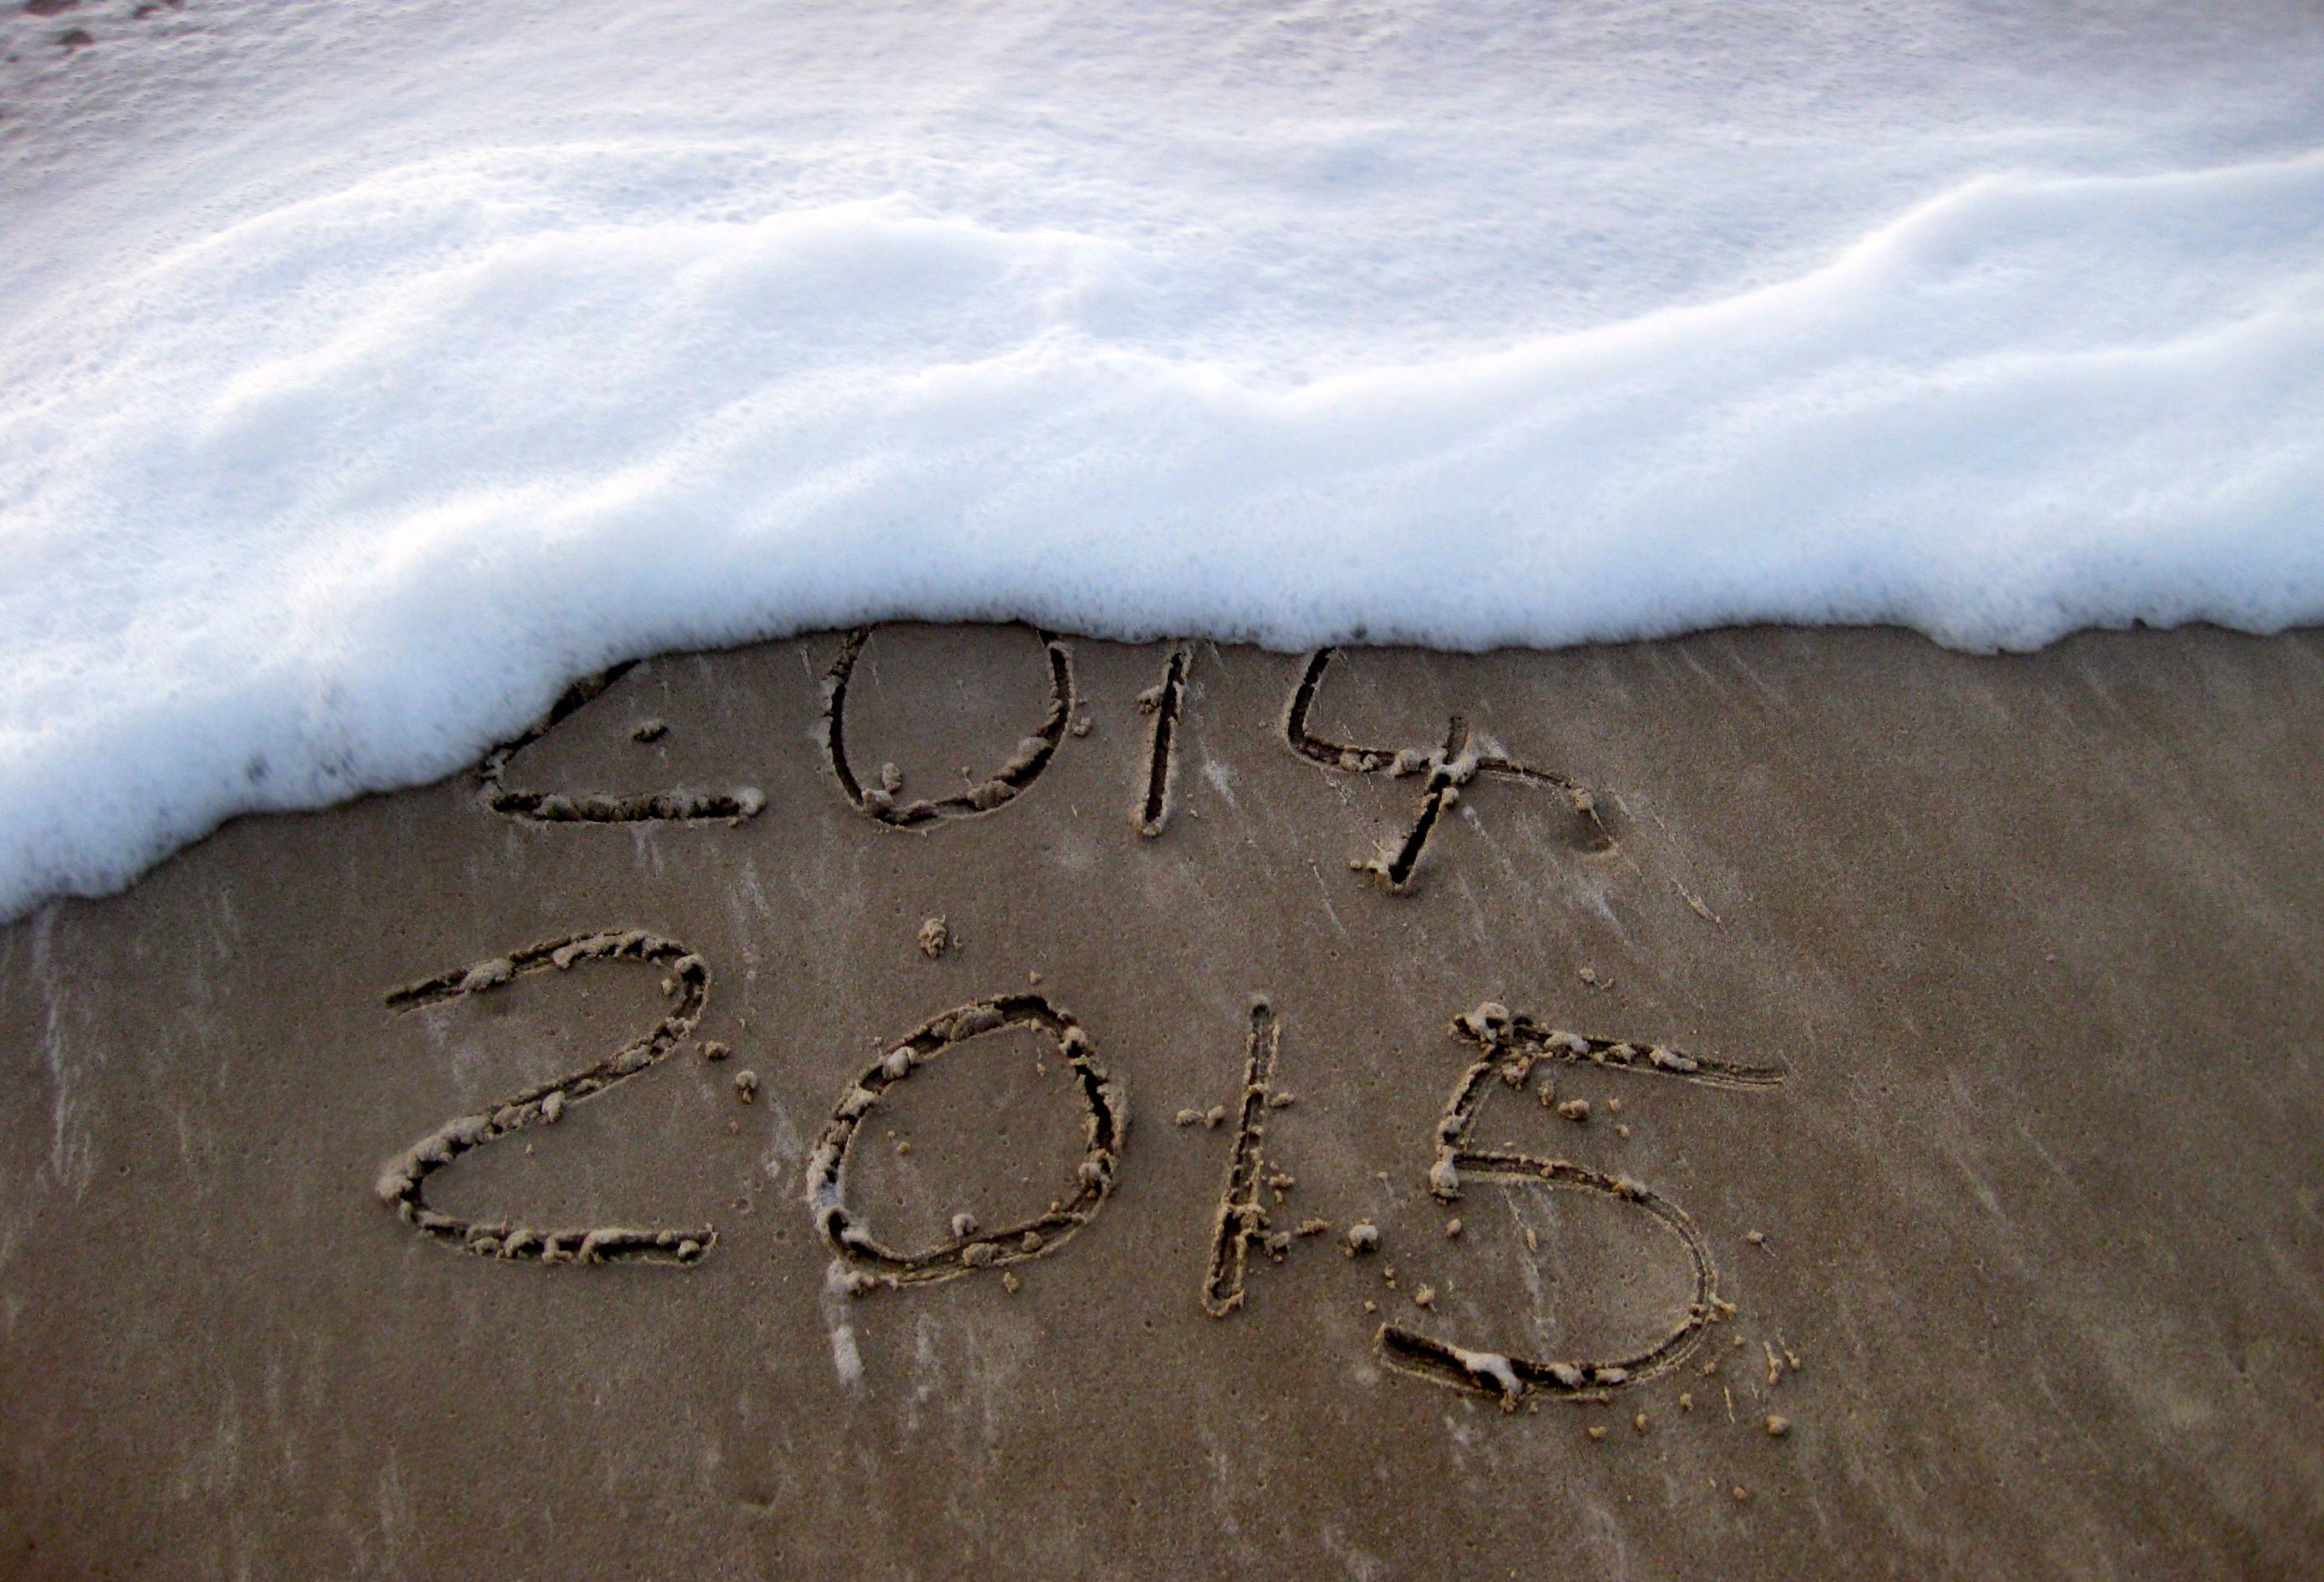 Einen guten Rutsch ins neue Jahr 2015!